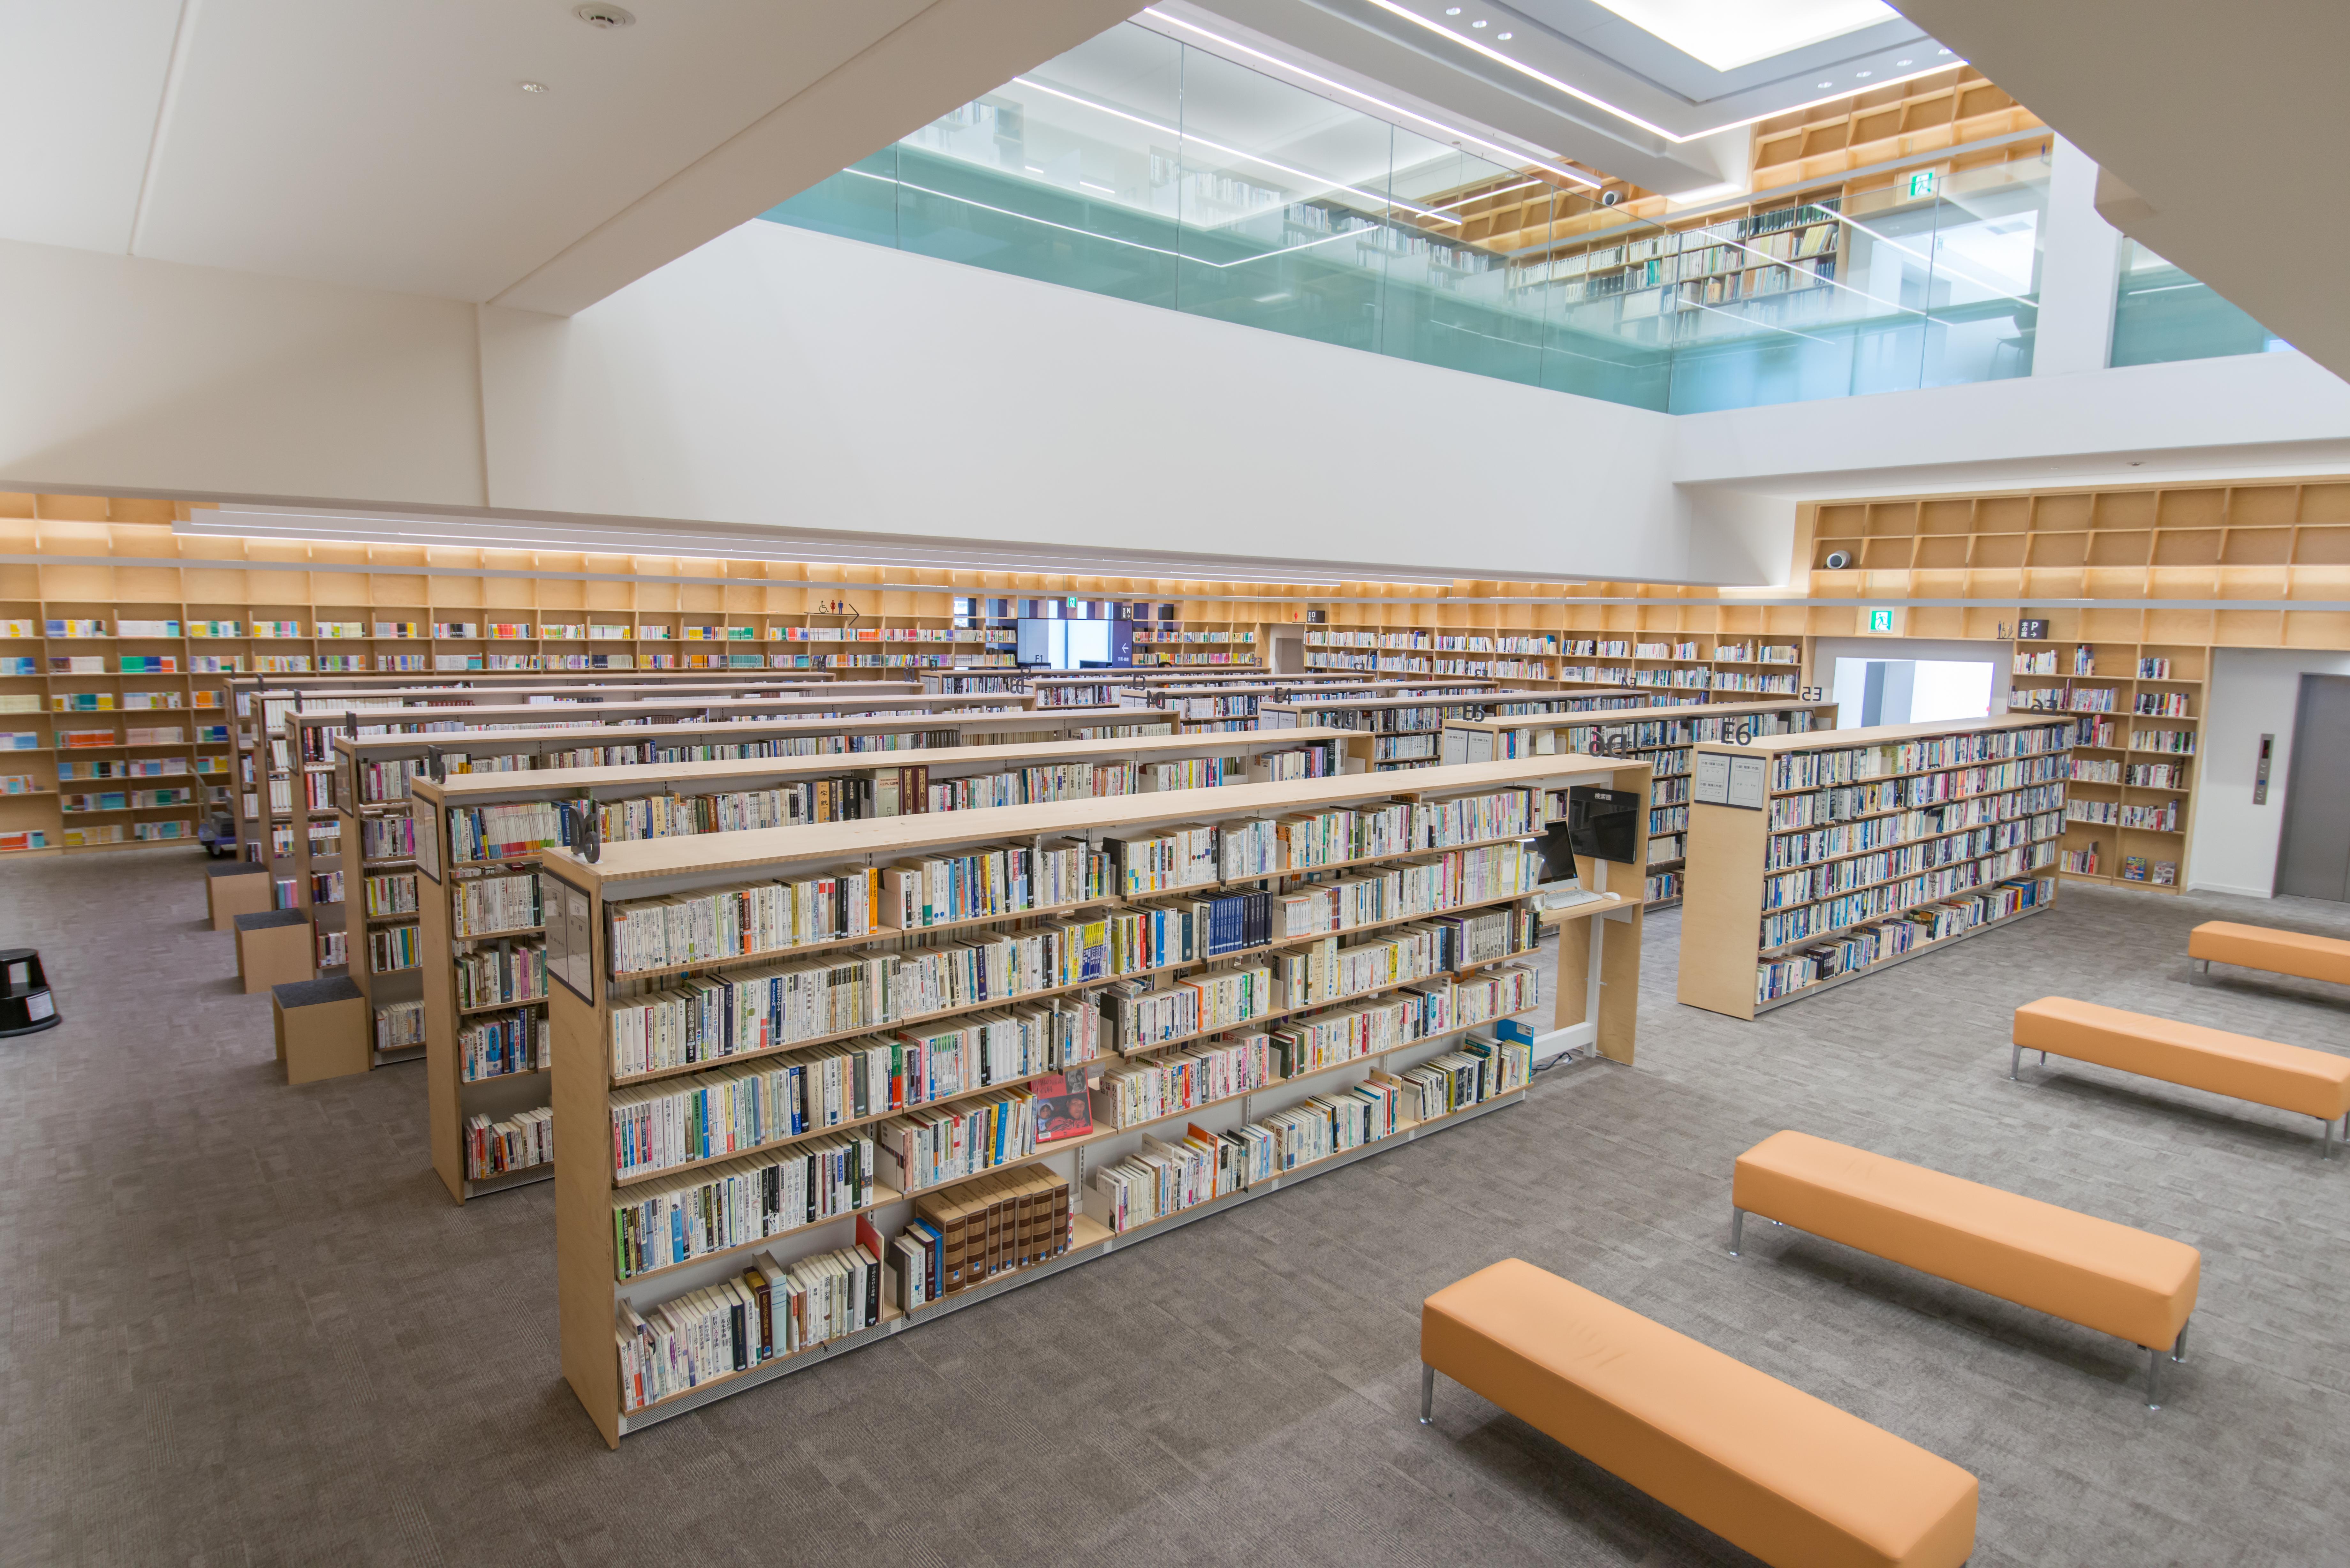 東京都荒川区立図書館「ゆいの森あらかわ」3階書架